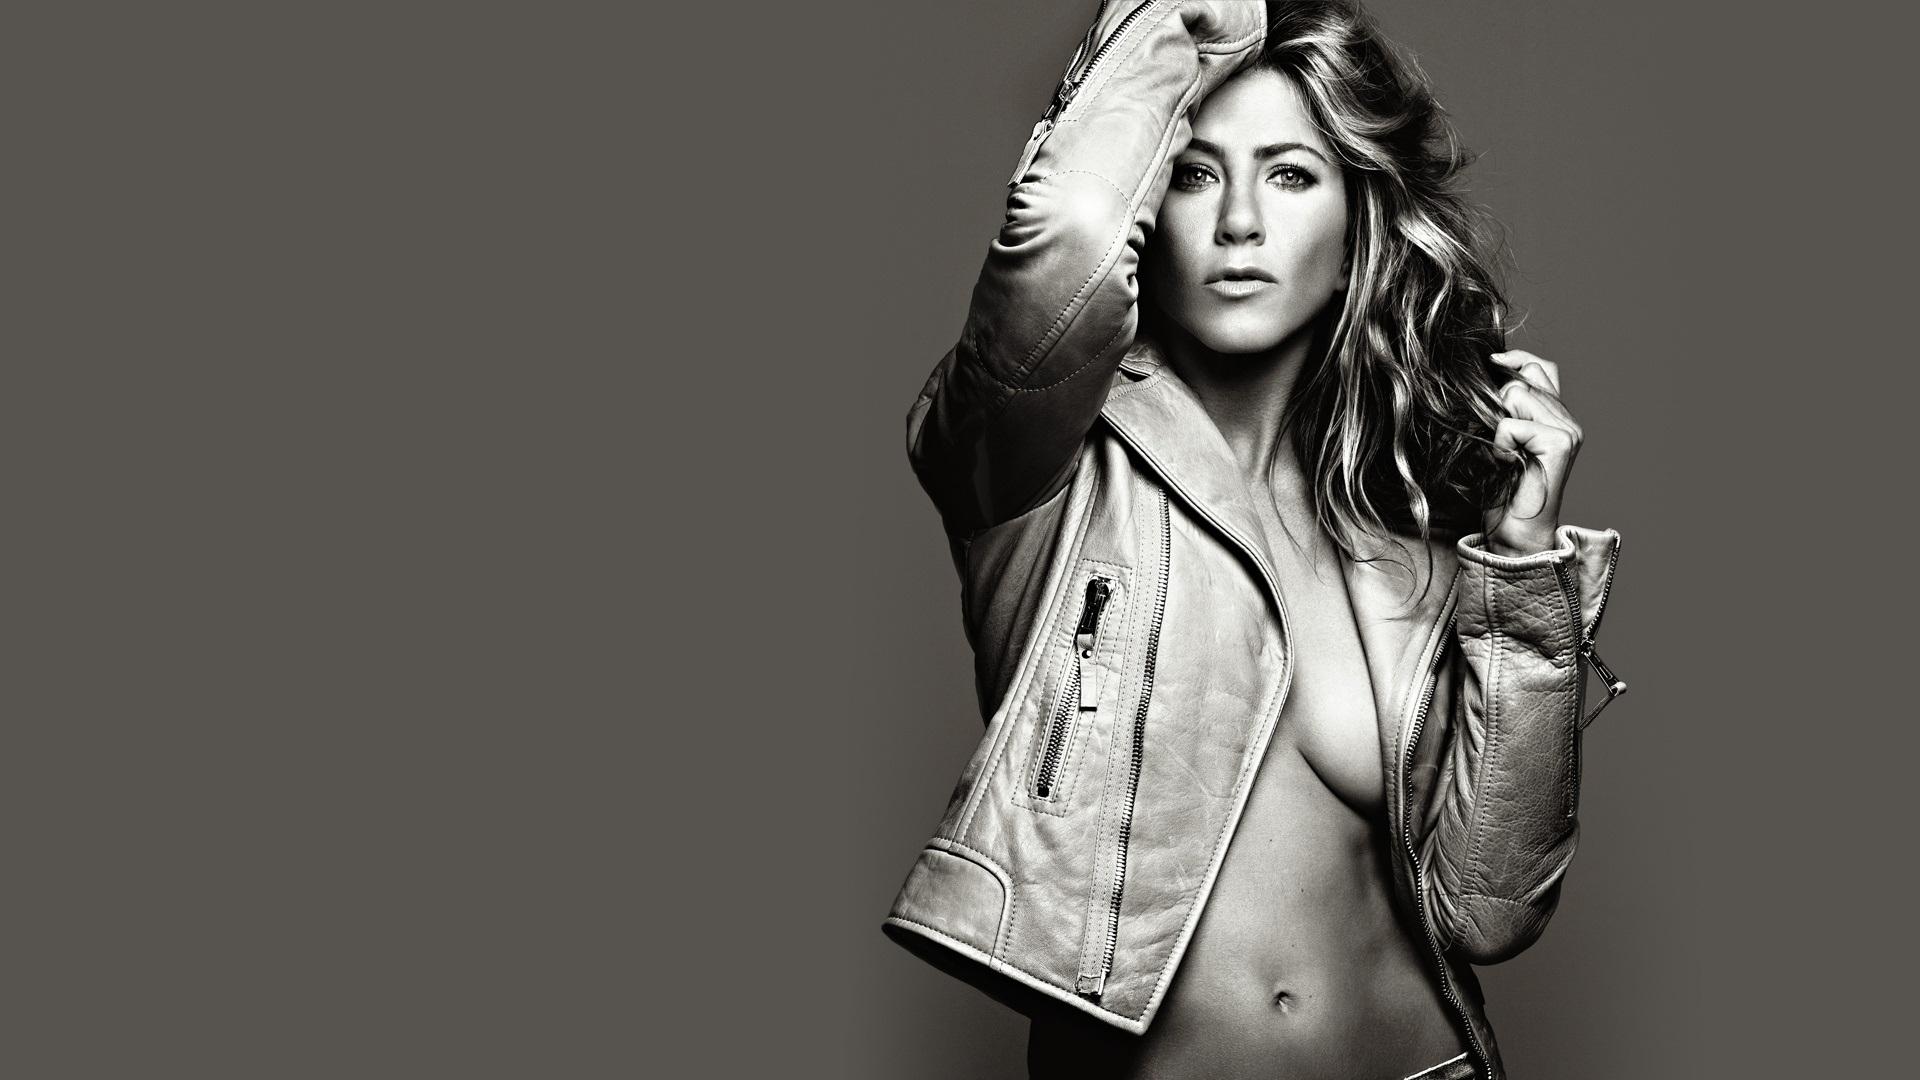 Jennifer Aniston HD Background